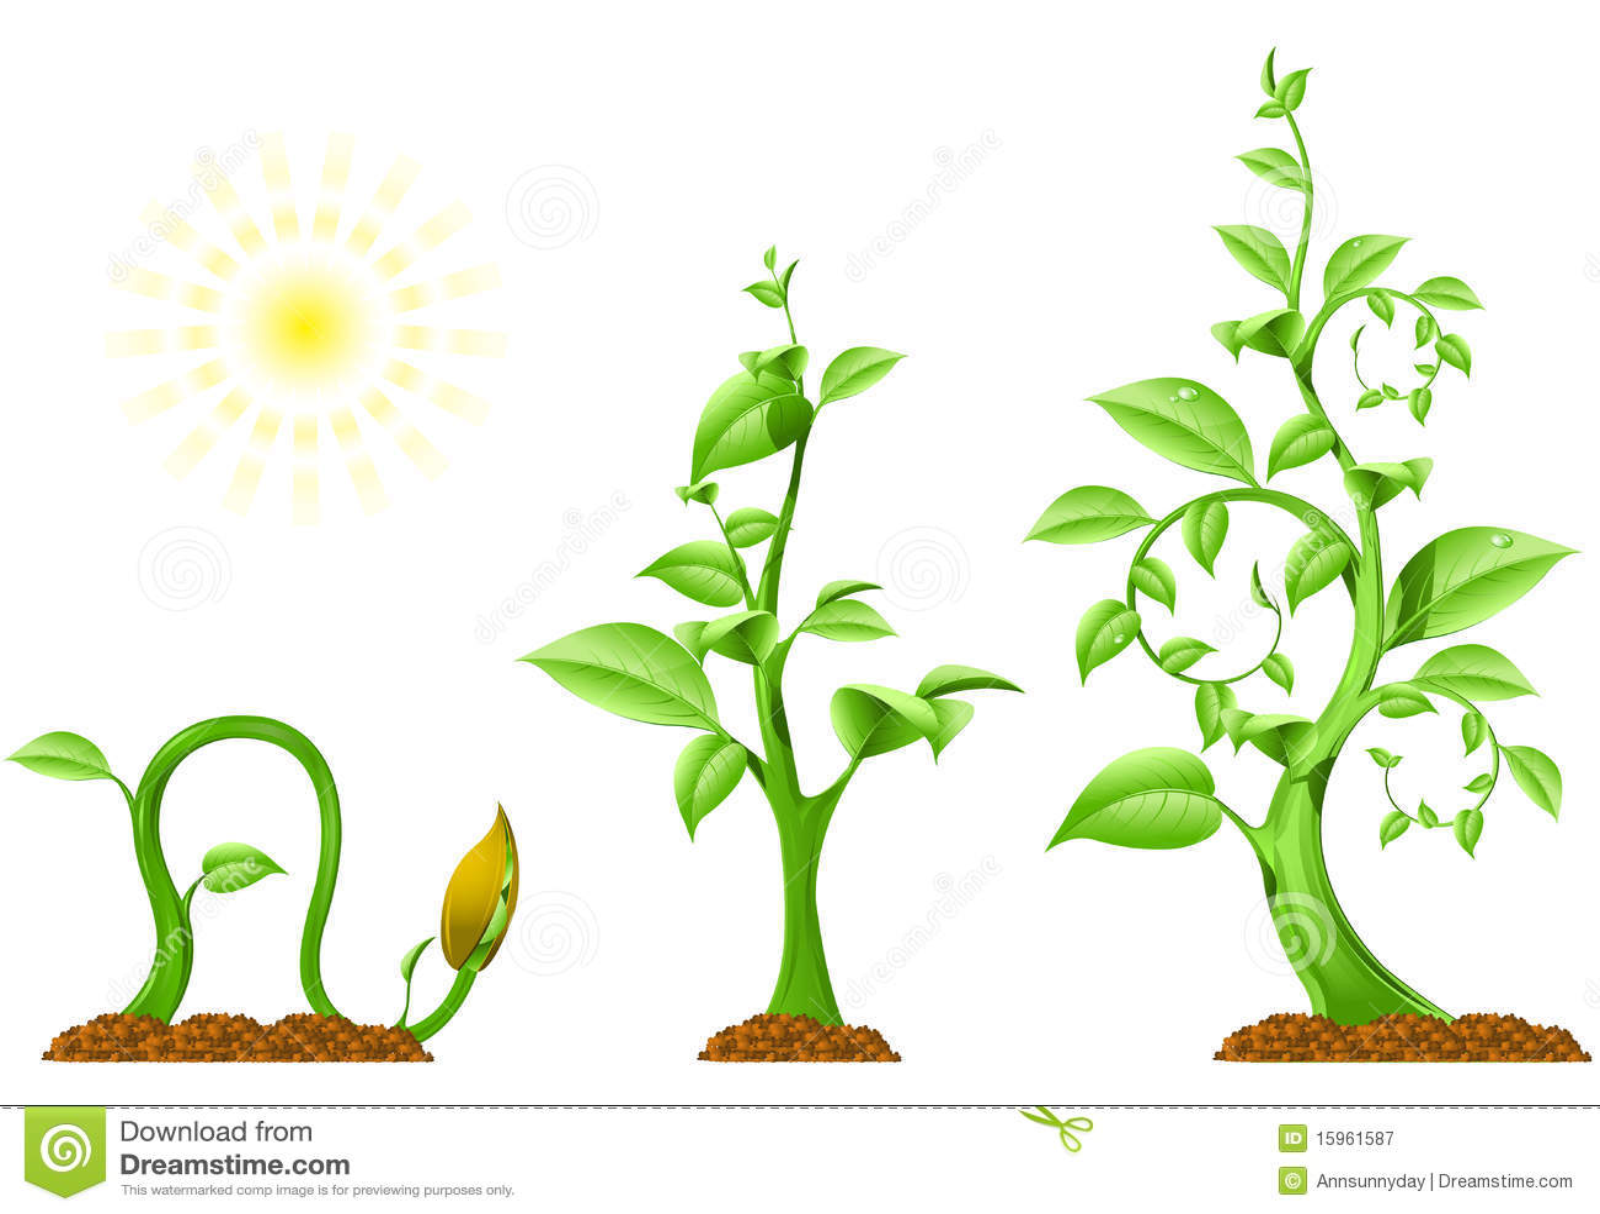 Plant Growth Cartoon Vector